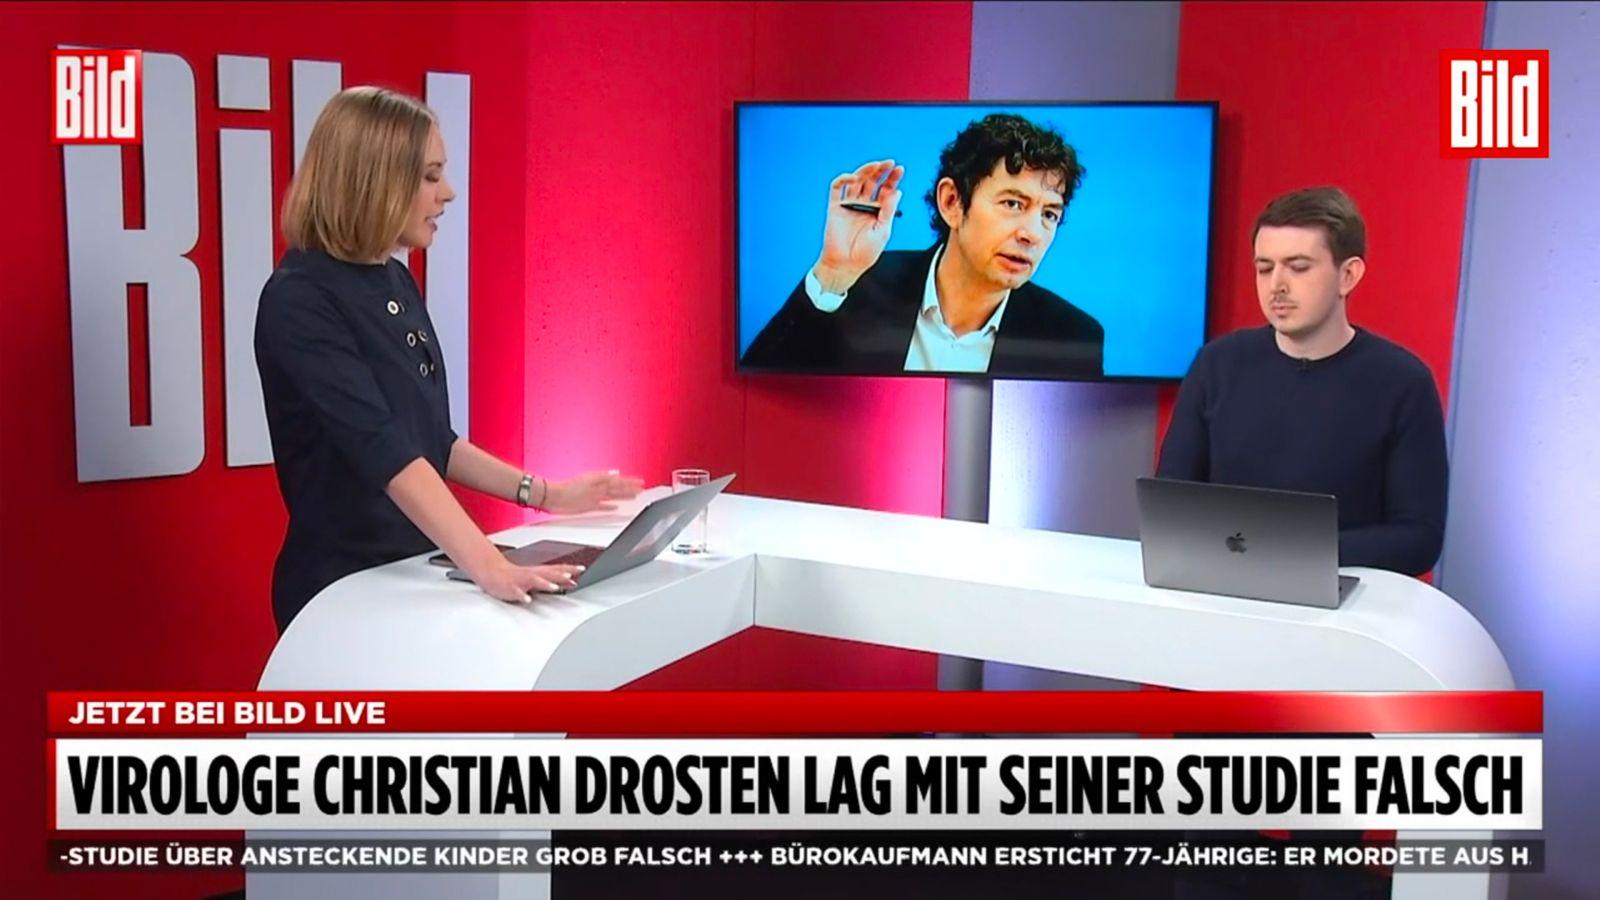 drosten02_scr